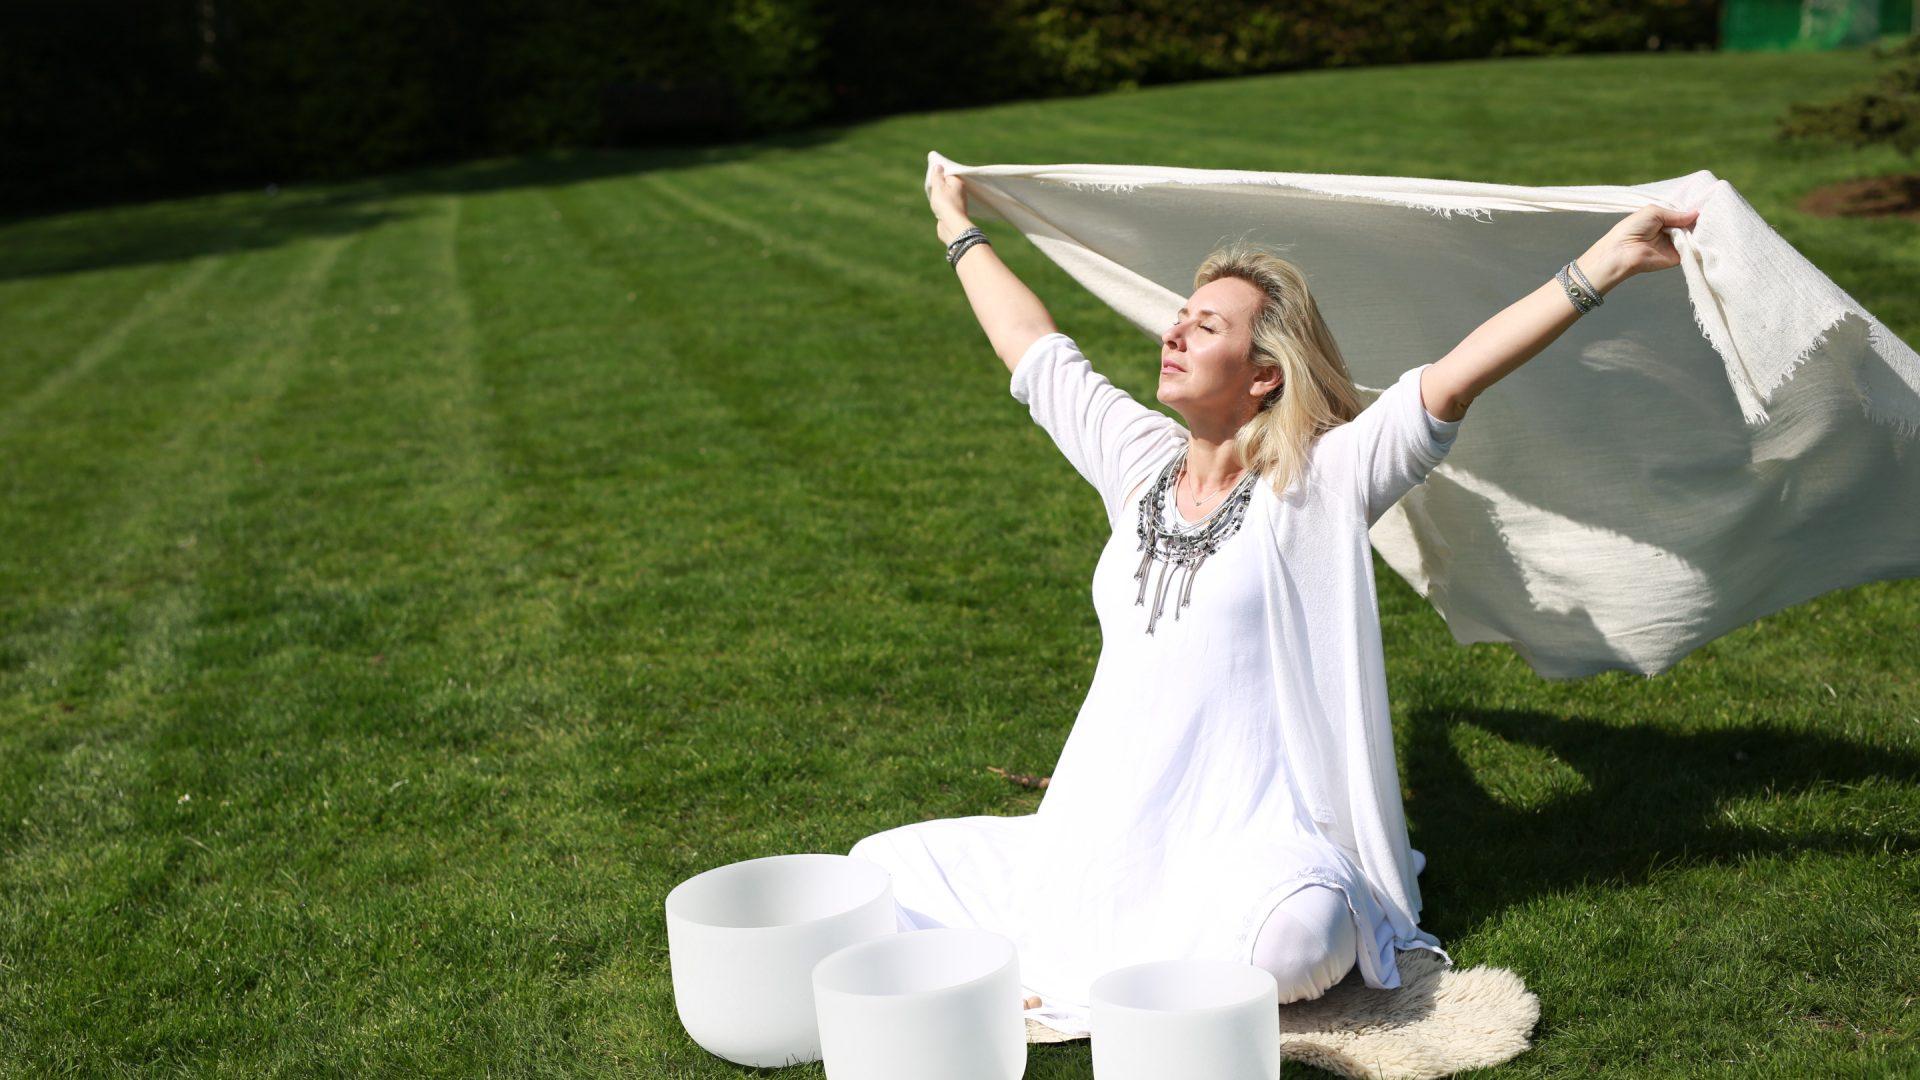 New Online 40 days Kundalini Yoga & Meditation Practice